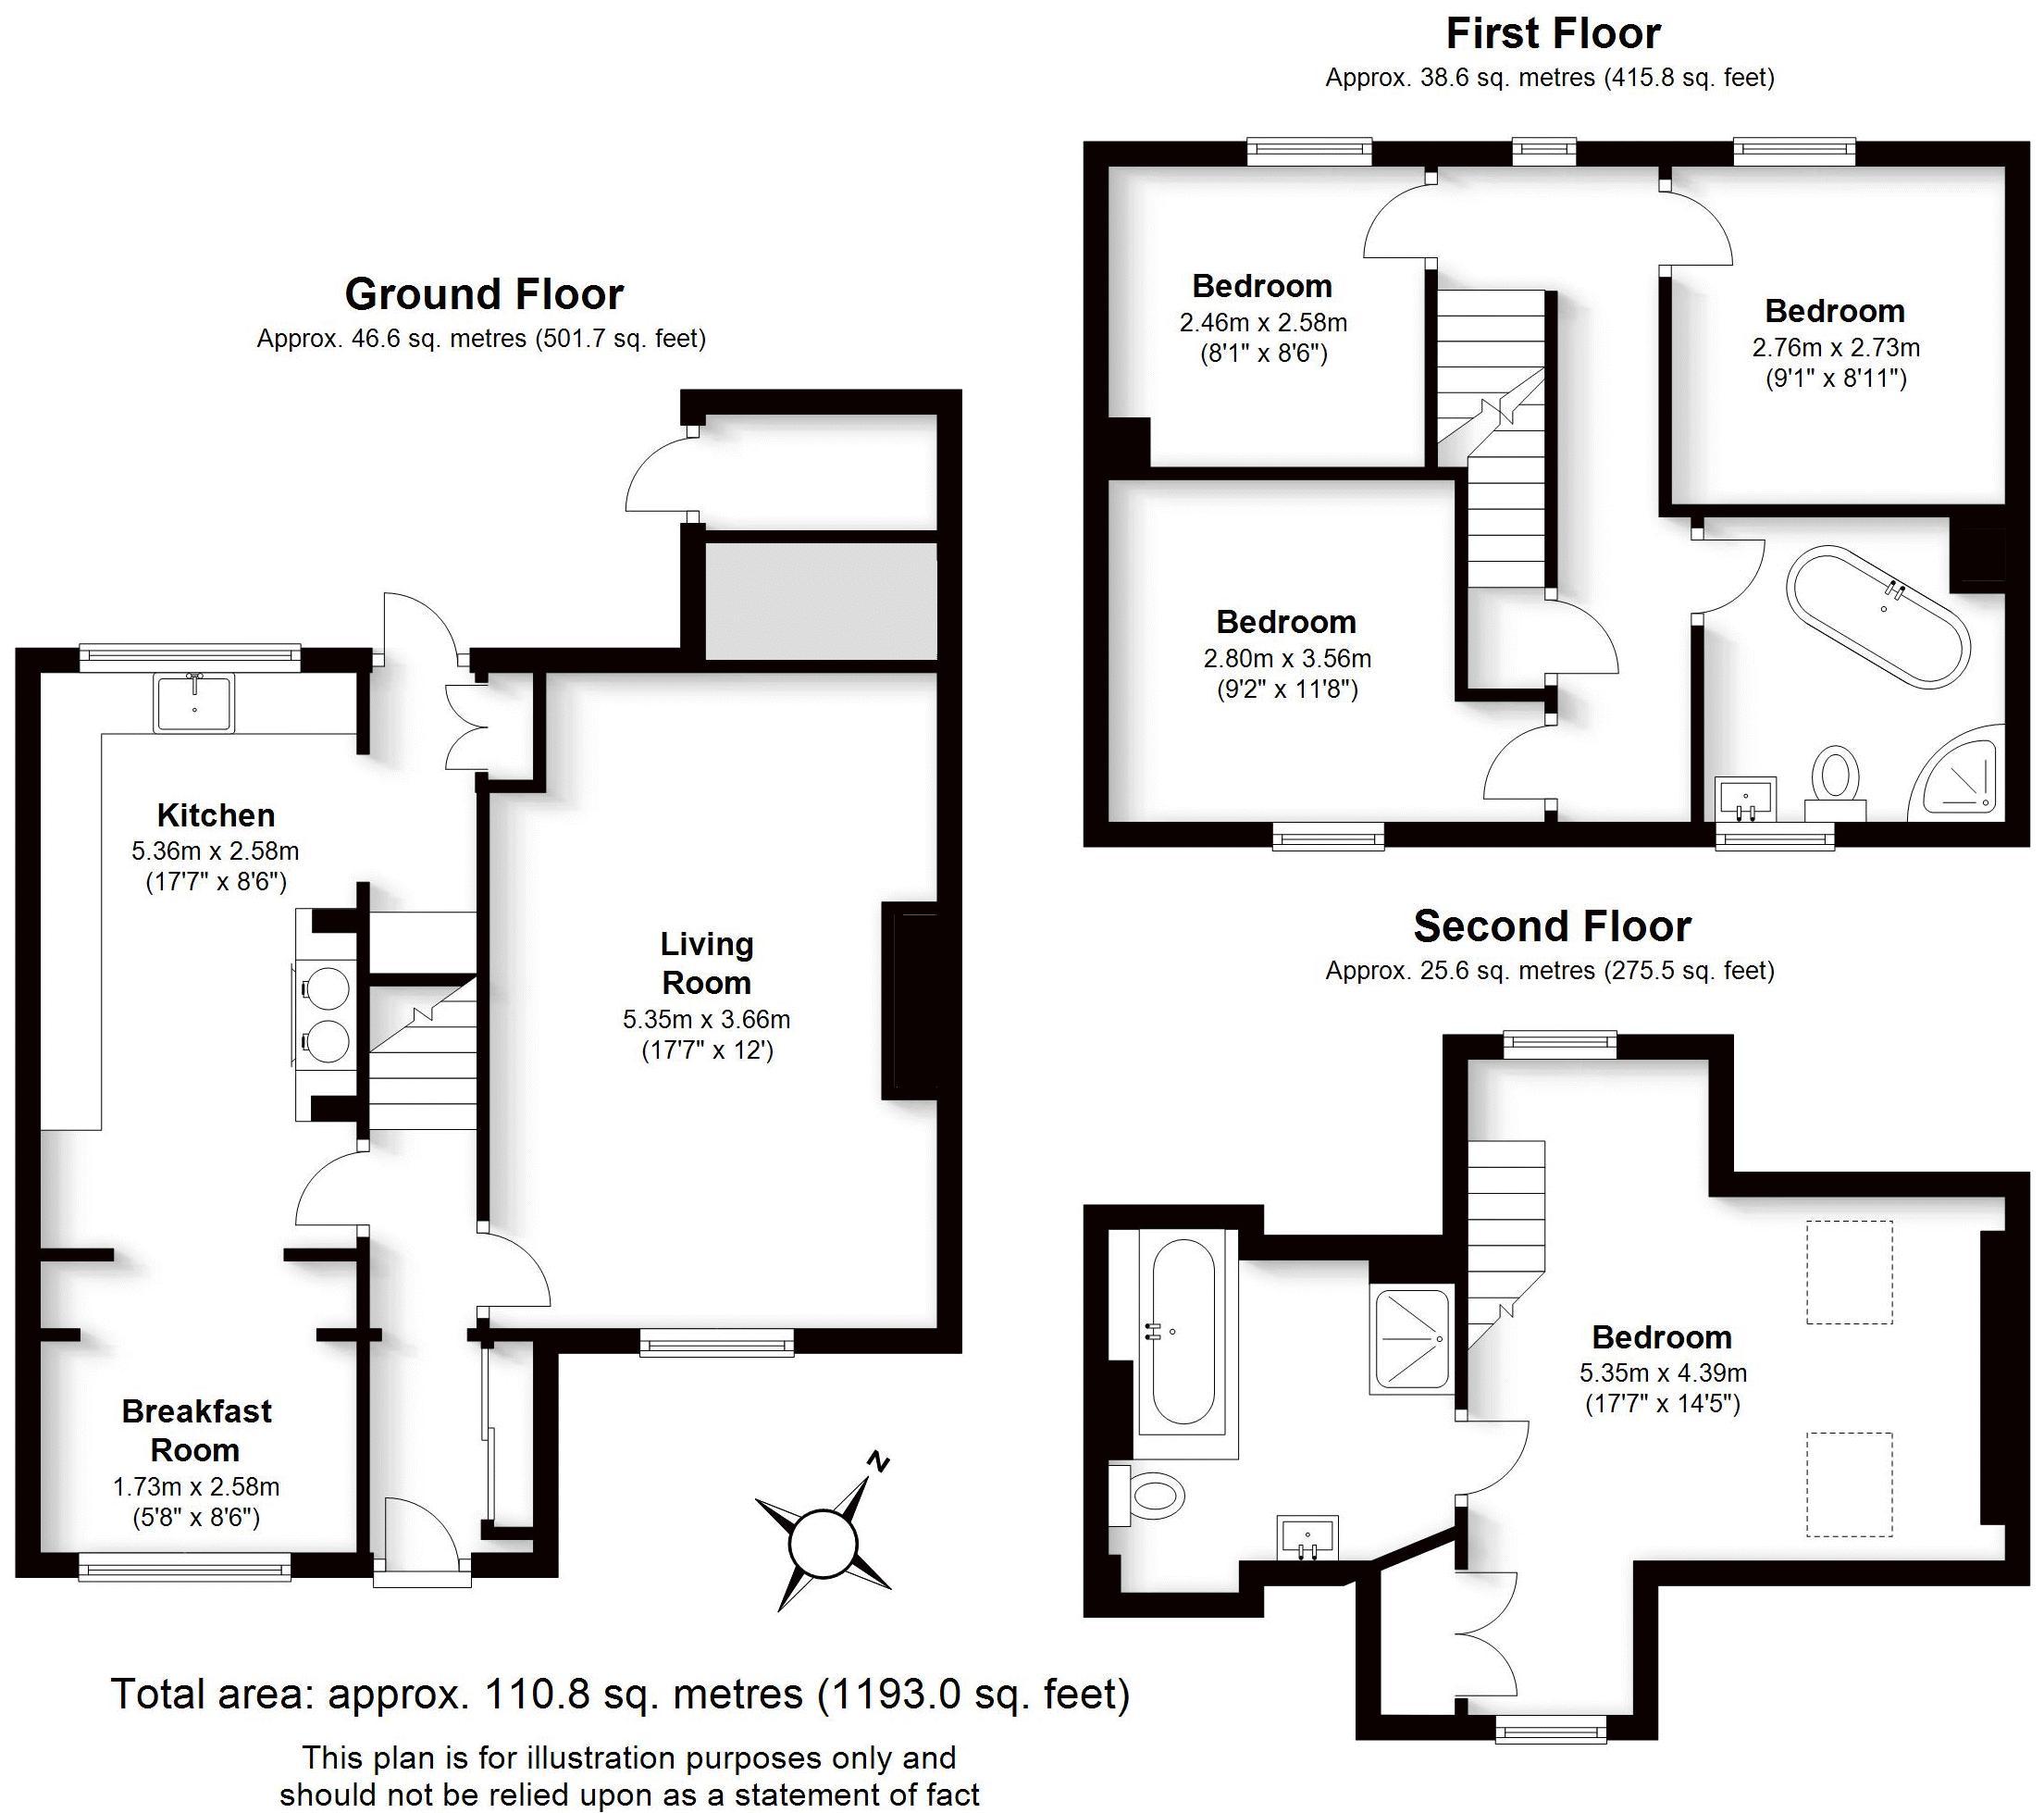 March Cottage, Warwick. Floorplan. March Cottage, Warwick.